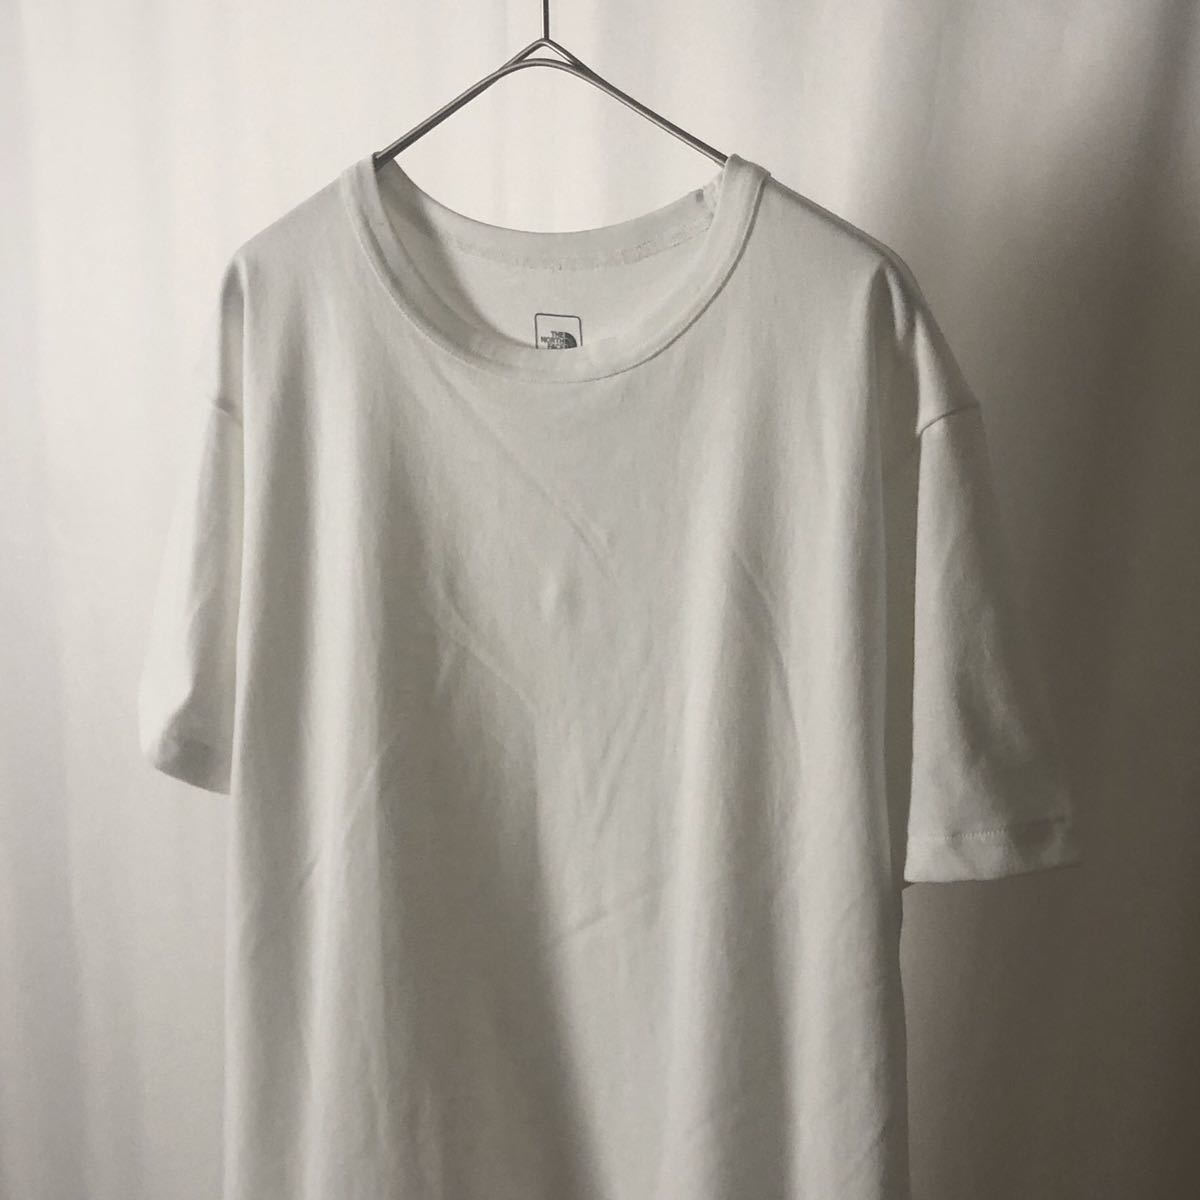 THE NORTH FACE ノースフェイス ロゴTシャツ 半袖